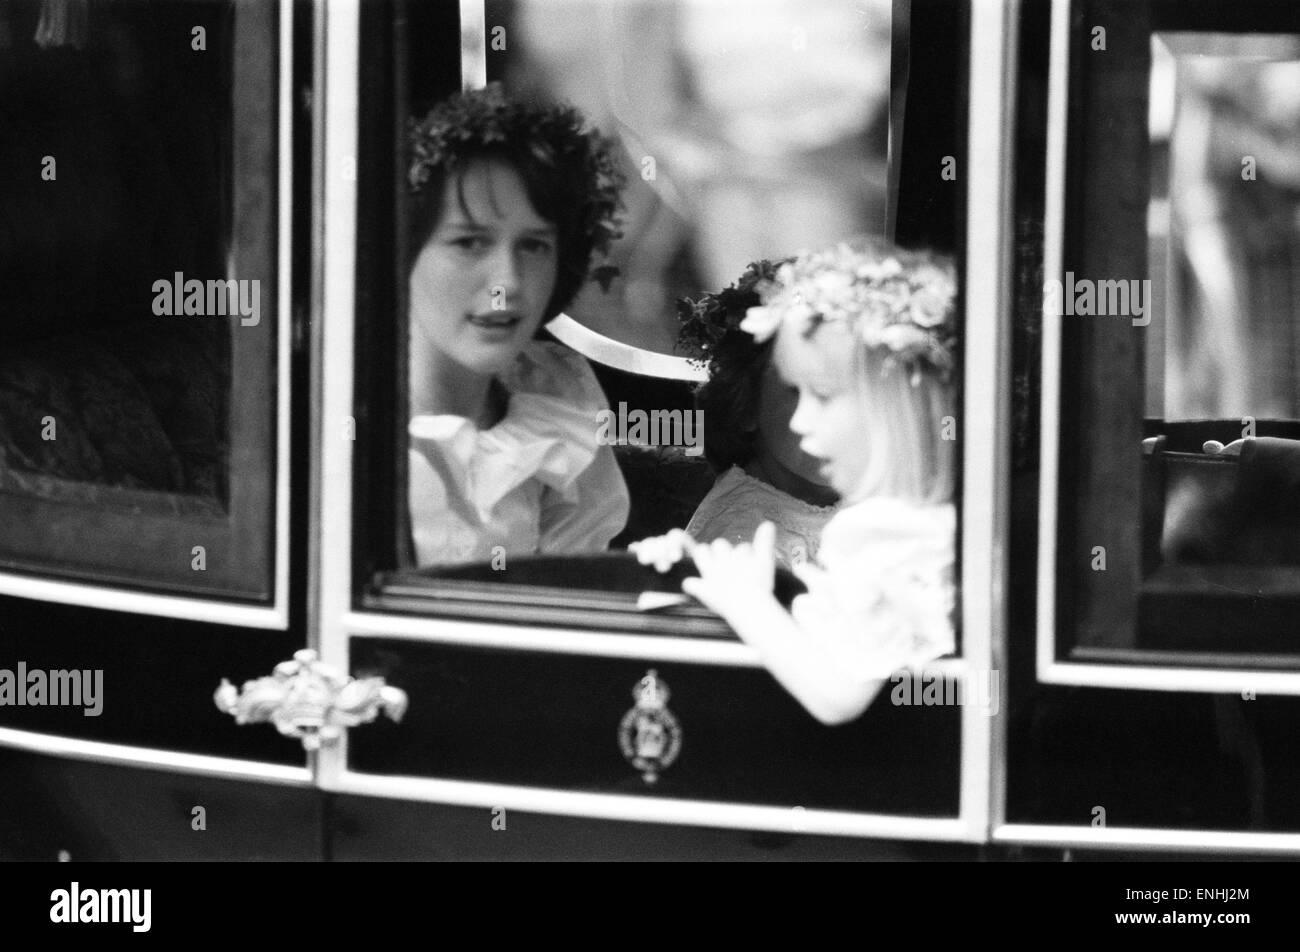 Giorno di nozze del principe Charles e Lady Diana Spencer, 29 luglio 1981. Nella foto: assistenti nuziale in corteo reale, India Hicks (età 13) & Clementina Hambro (di età compresa tra i 5). Foto Stock